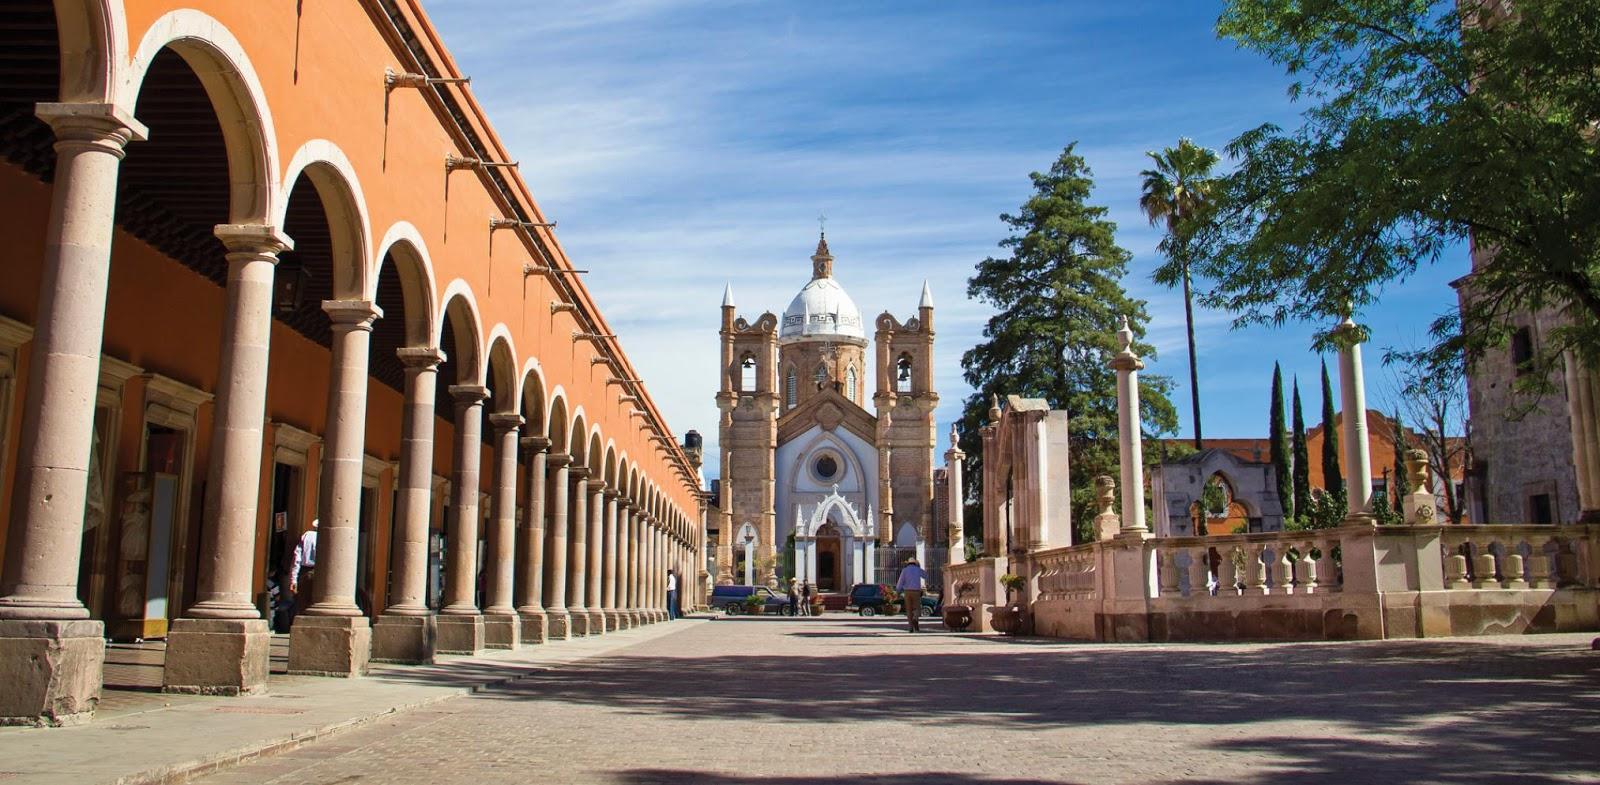 5 Pueblos Mágicos por descubrir en Zacatecas  3cc5ee293633c